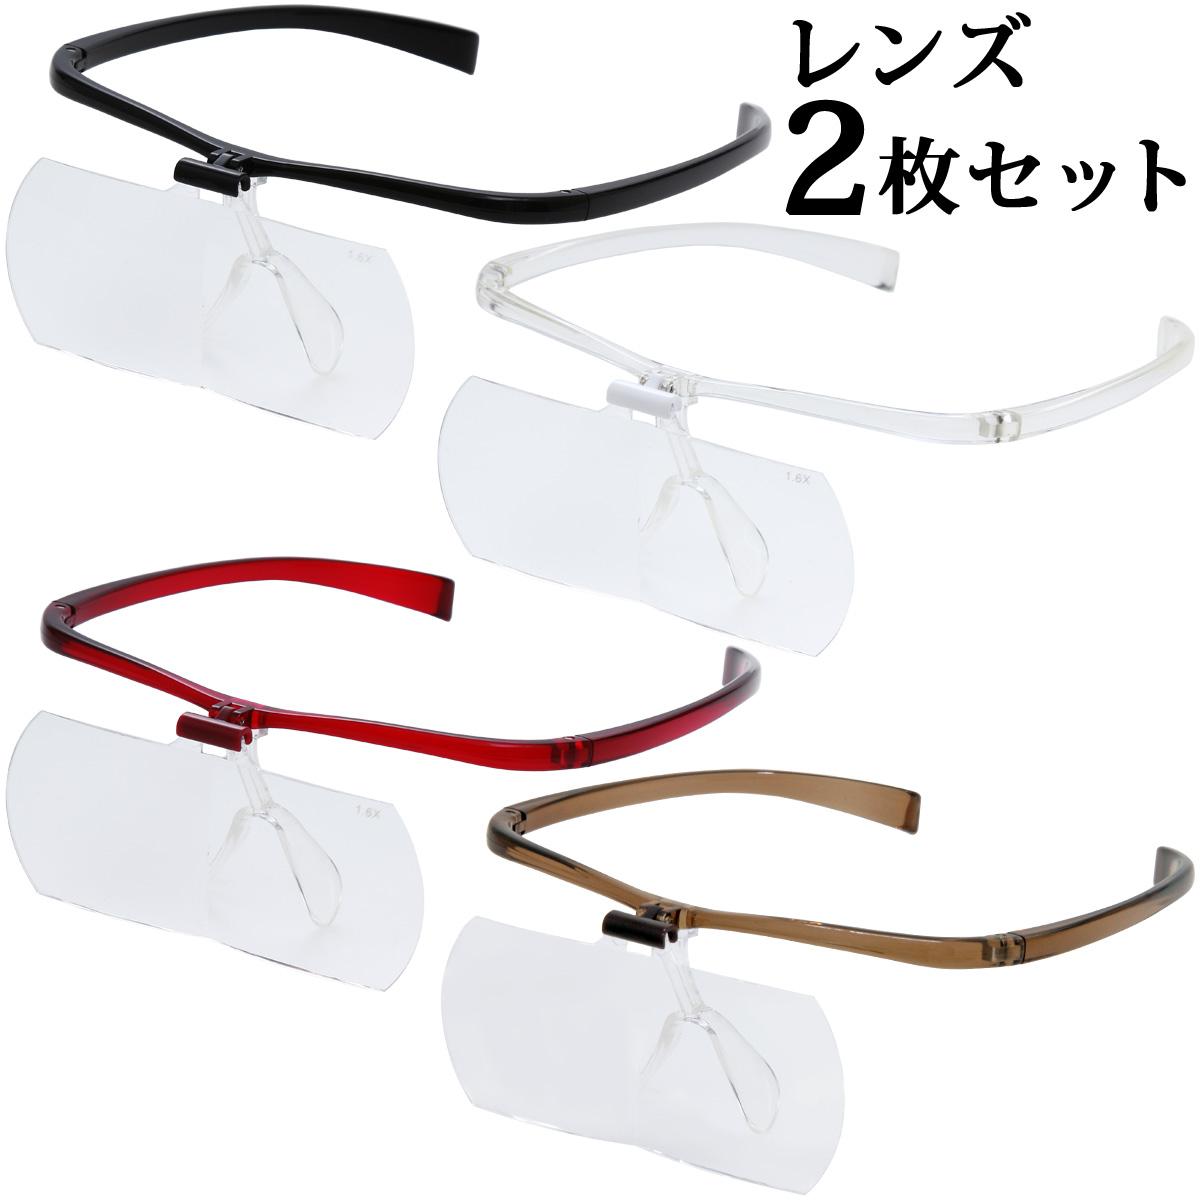 双眼メガネルーペ メガネタイプ 1.6倍 2倍 レンズ2枚セット HF-61DE 跳ね上げ メガネの上から クリアルーペ 手芸 拡大鏡 まつげエクステ 池田レンズ アウトレット